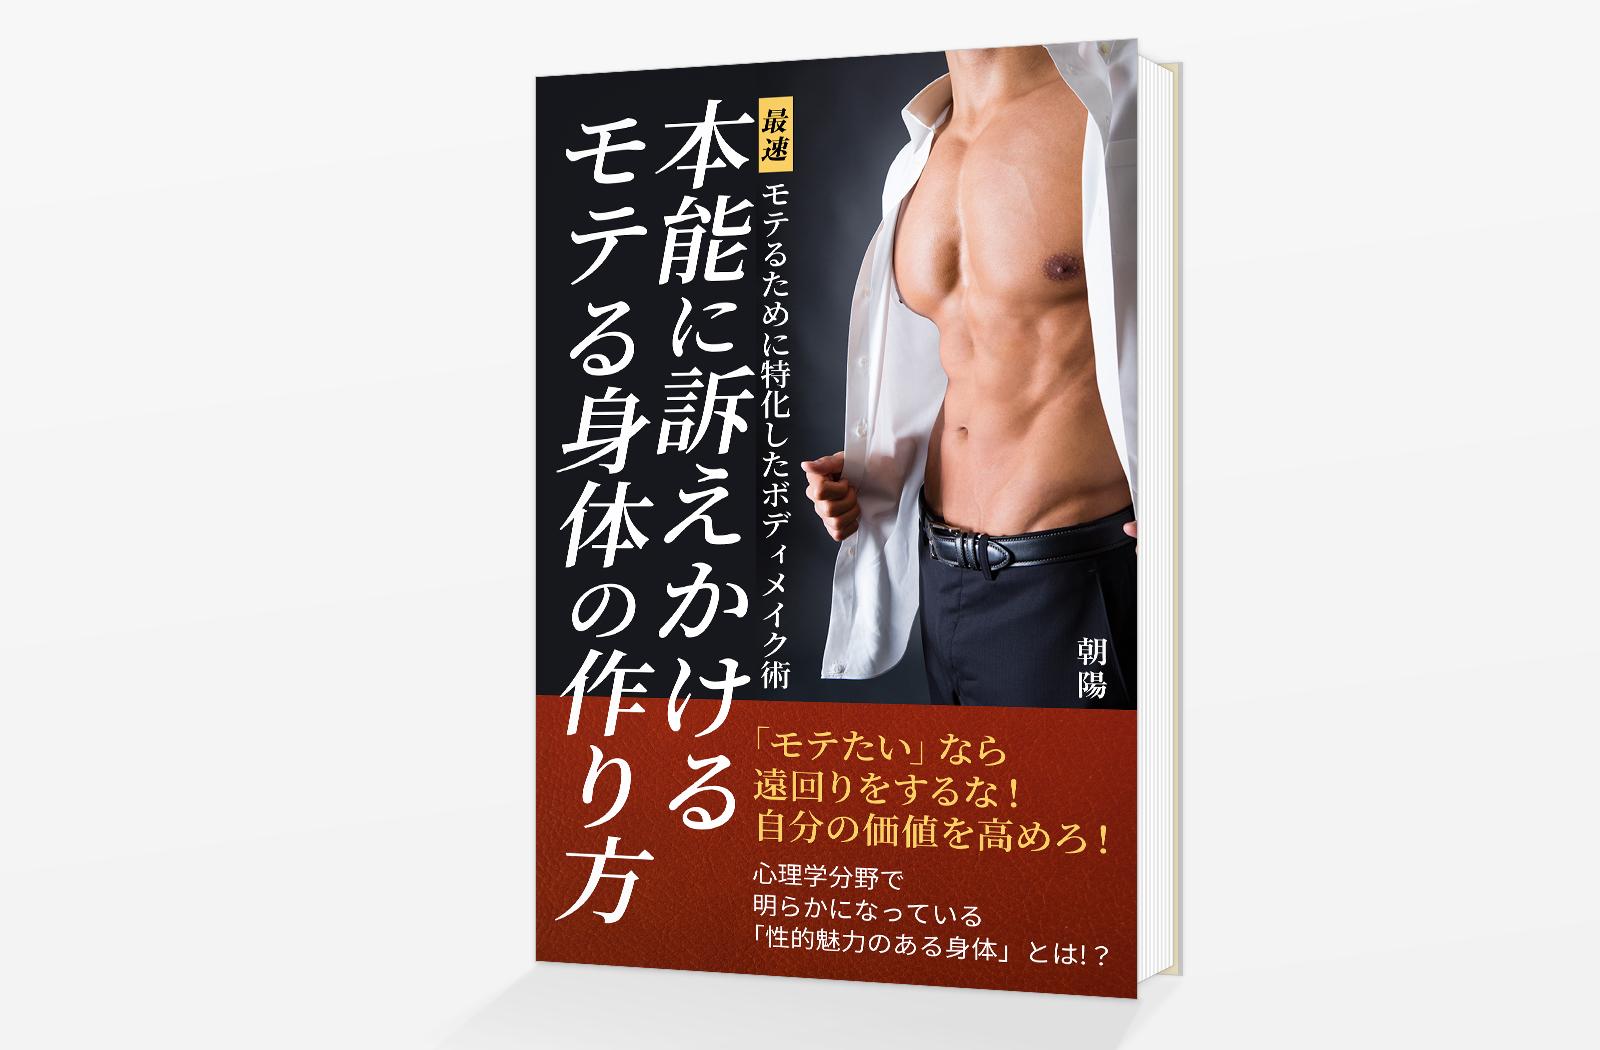 Kindle電子書籍「本能に訴えかけるモテる身体の作り方: 最速・モテるために特化したボディメイク術」の表紙デザイン